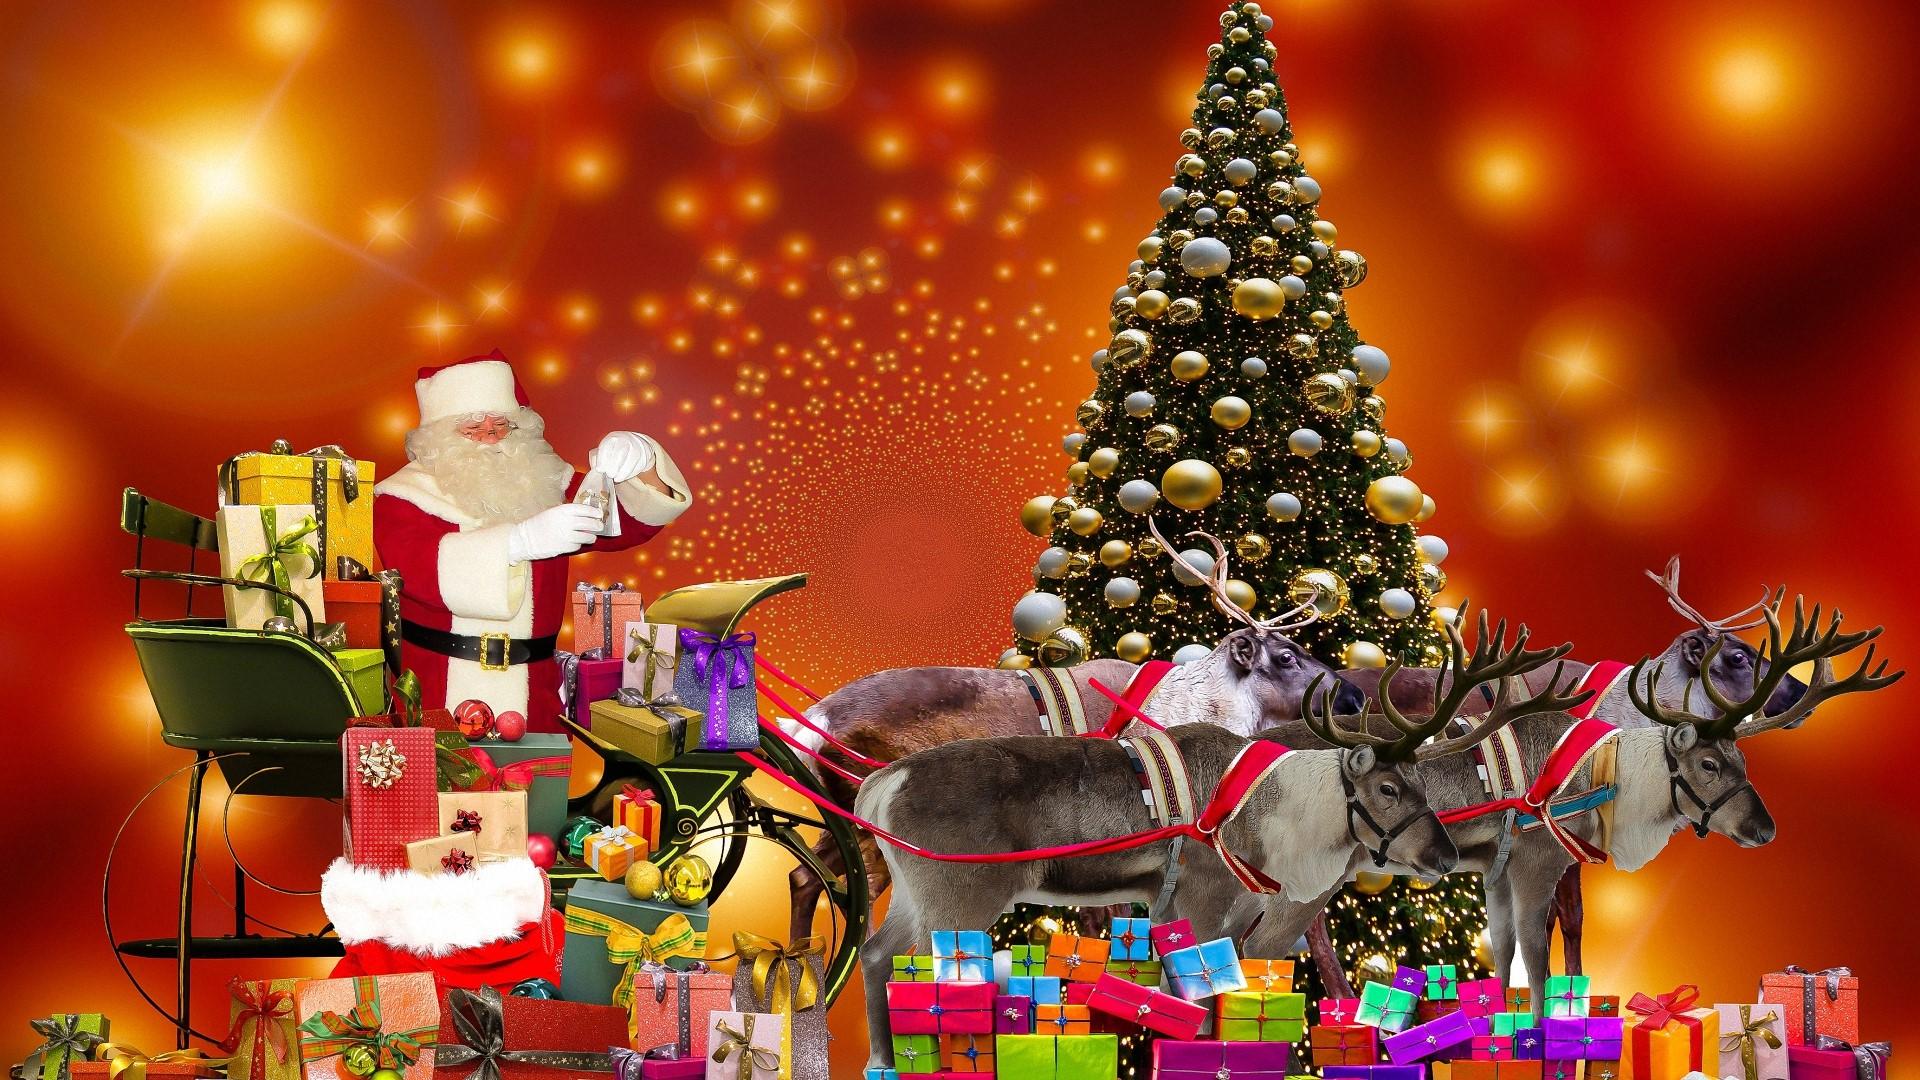 Weihnachten Hintergrundbilder Kostenlos 1920x1080